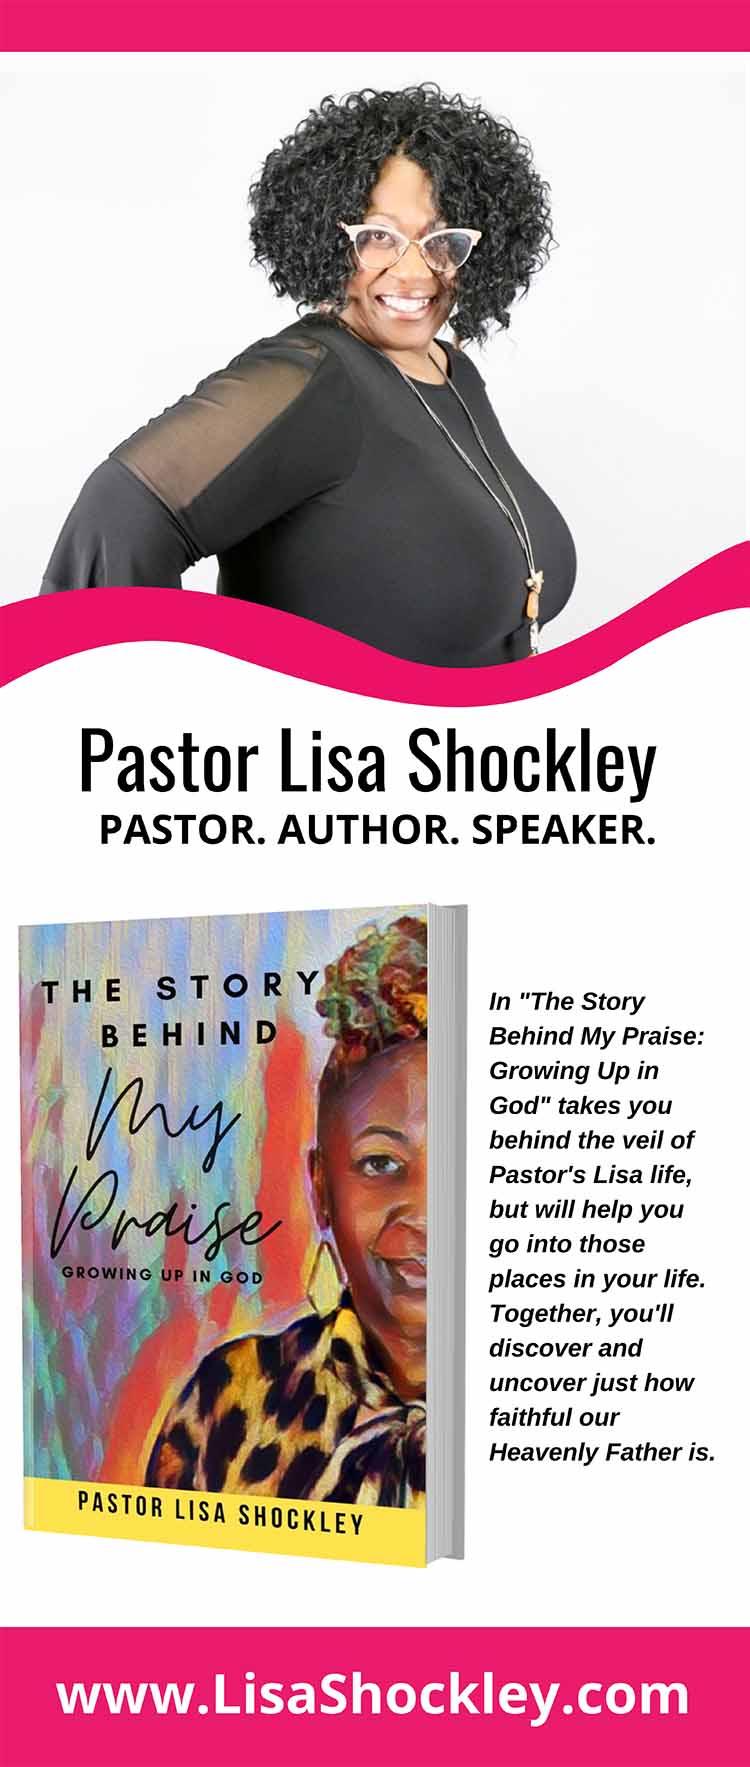 Lisa M Shockley